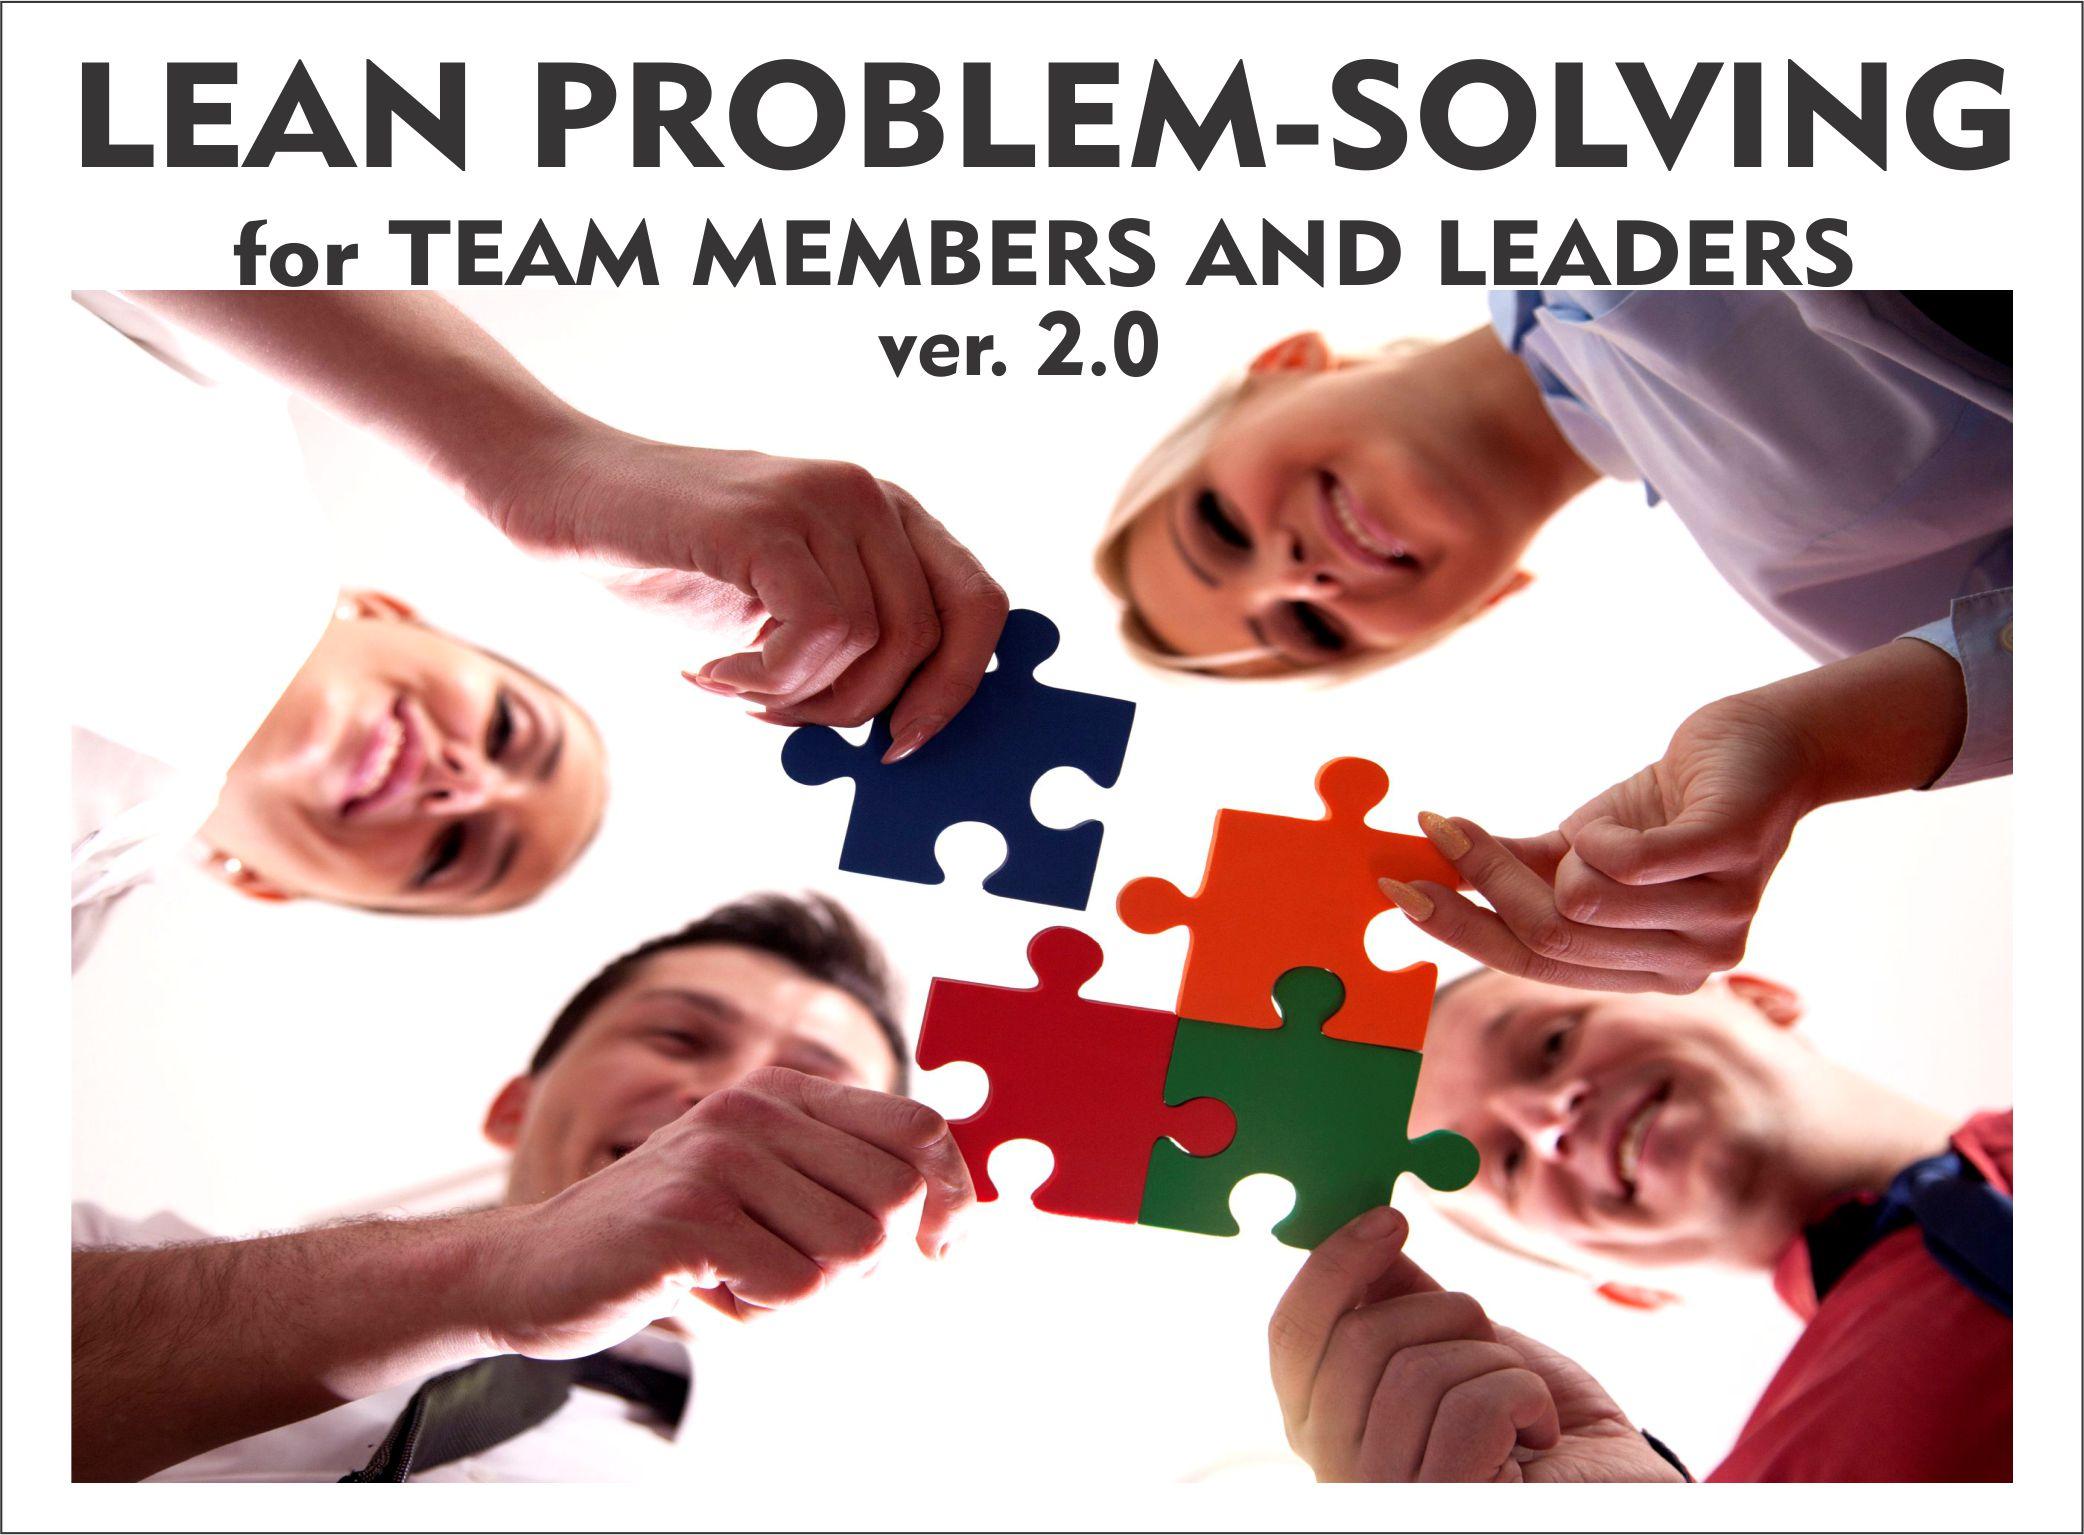 Lean Problem-Solving